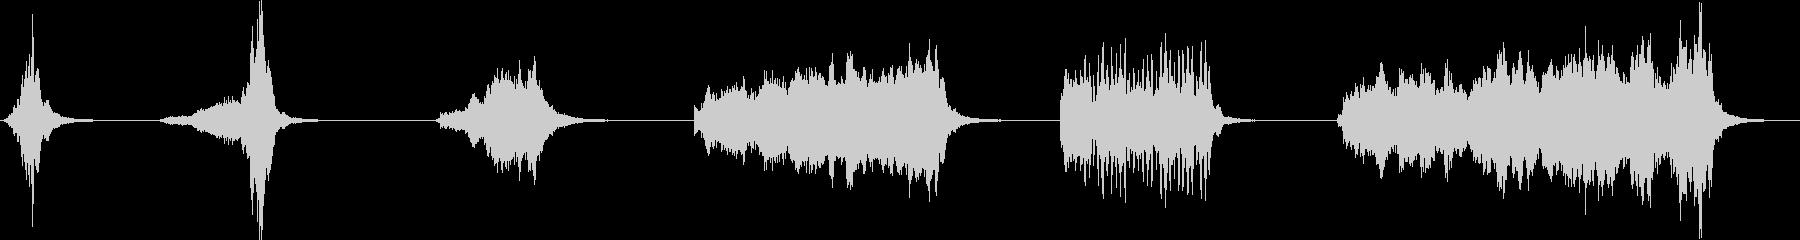 シンバル、スプラッシュ、ロール、6...の未再生の波形